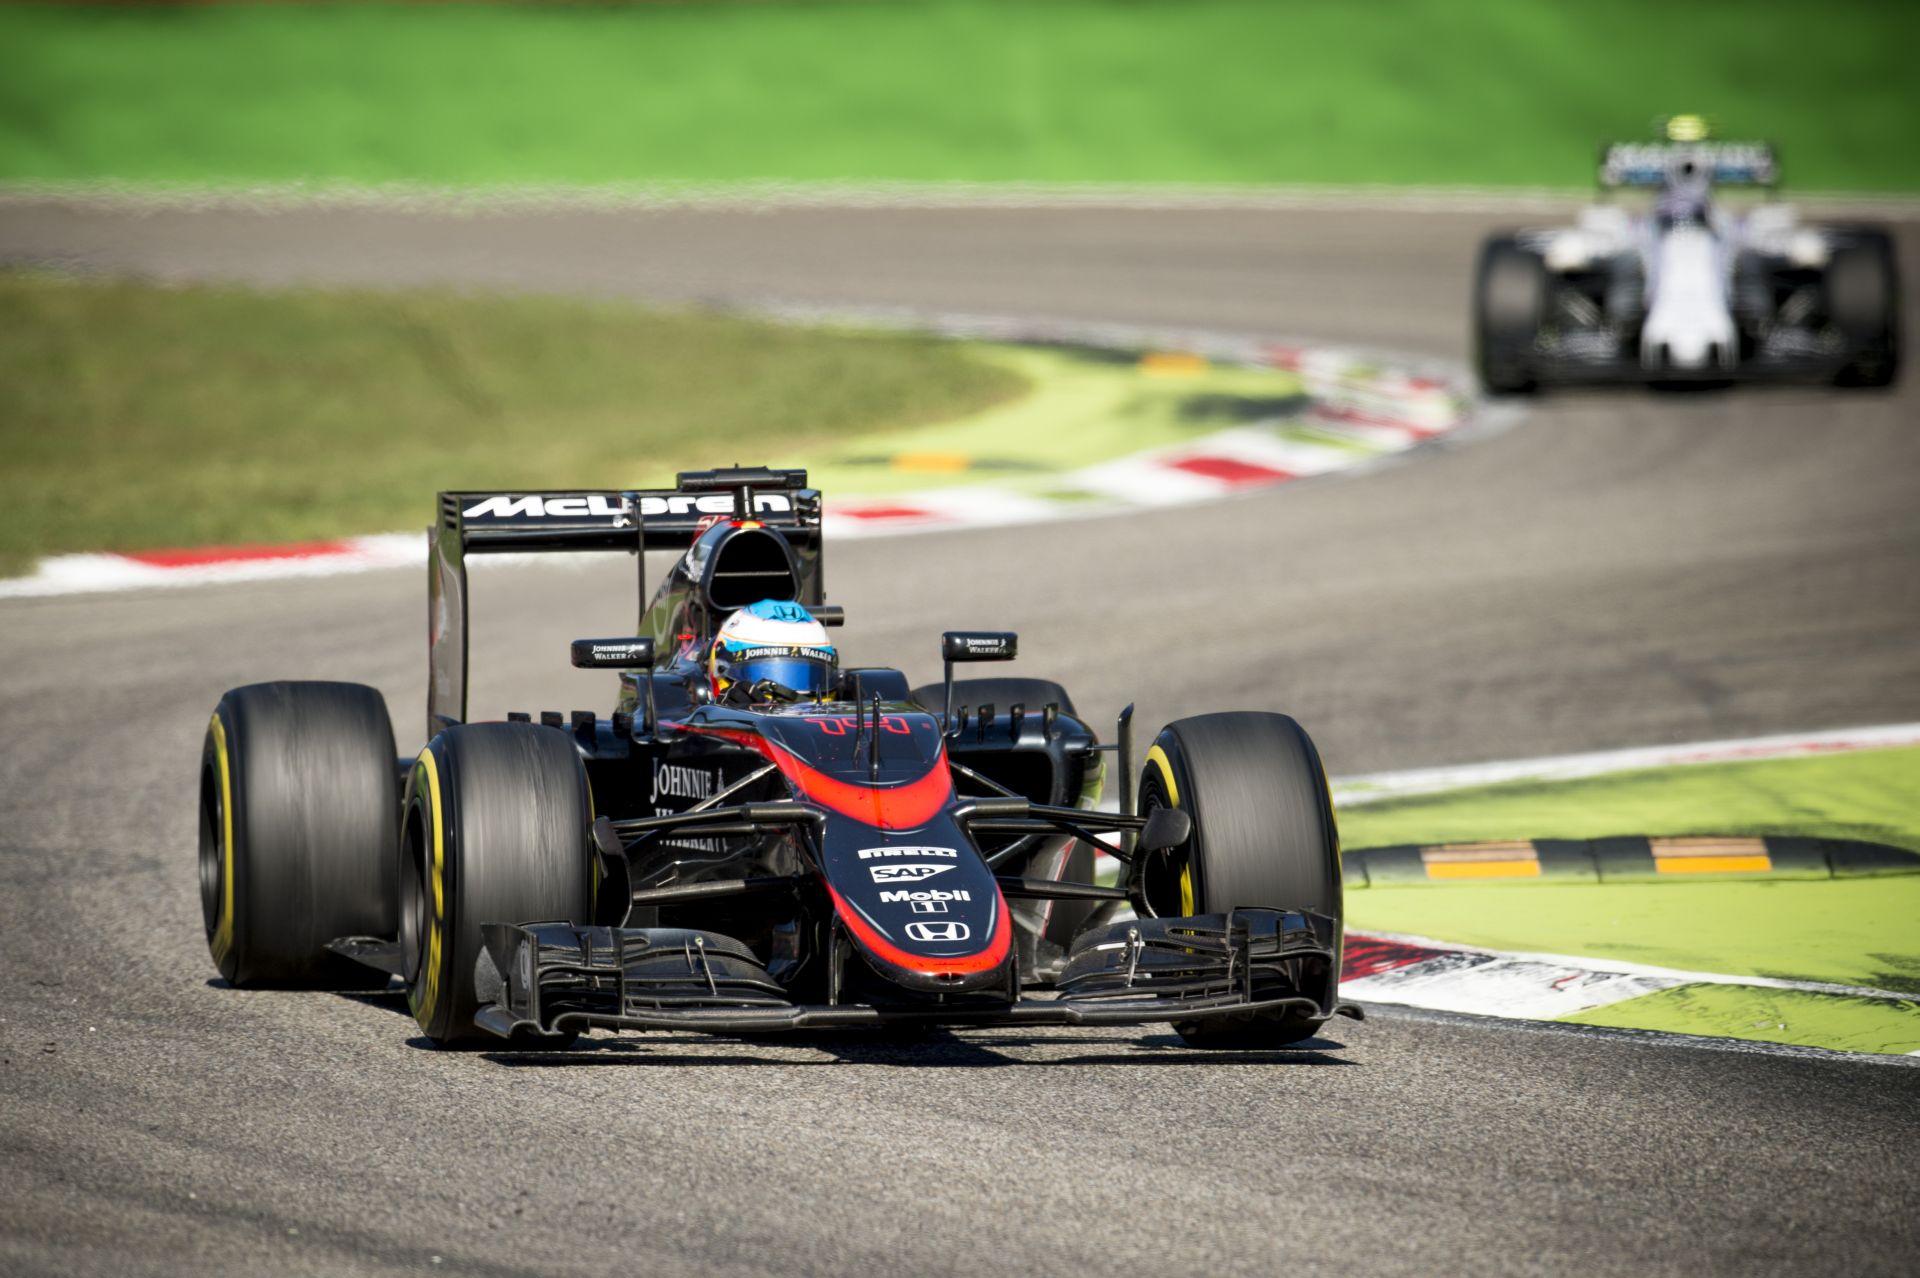 A Honda dupla, vagy semmit játszik! Ebbe hogy mehetett bele a McLaren?